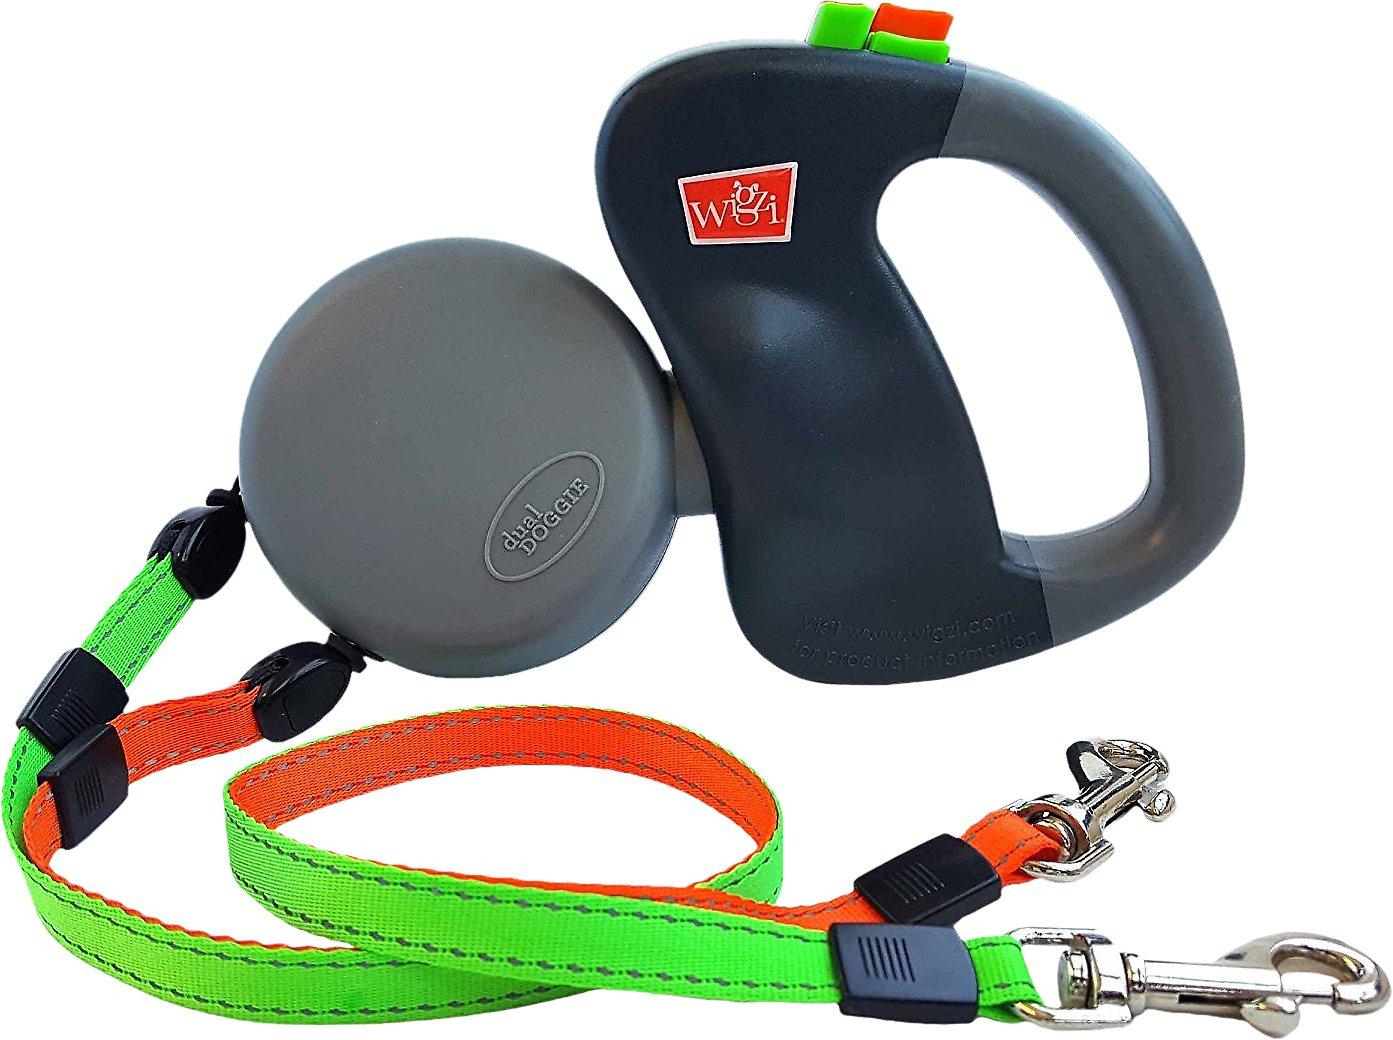 Wigzi Dual Doggie Retractable Leash, Green/Orange